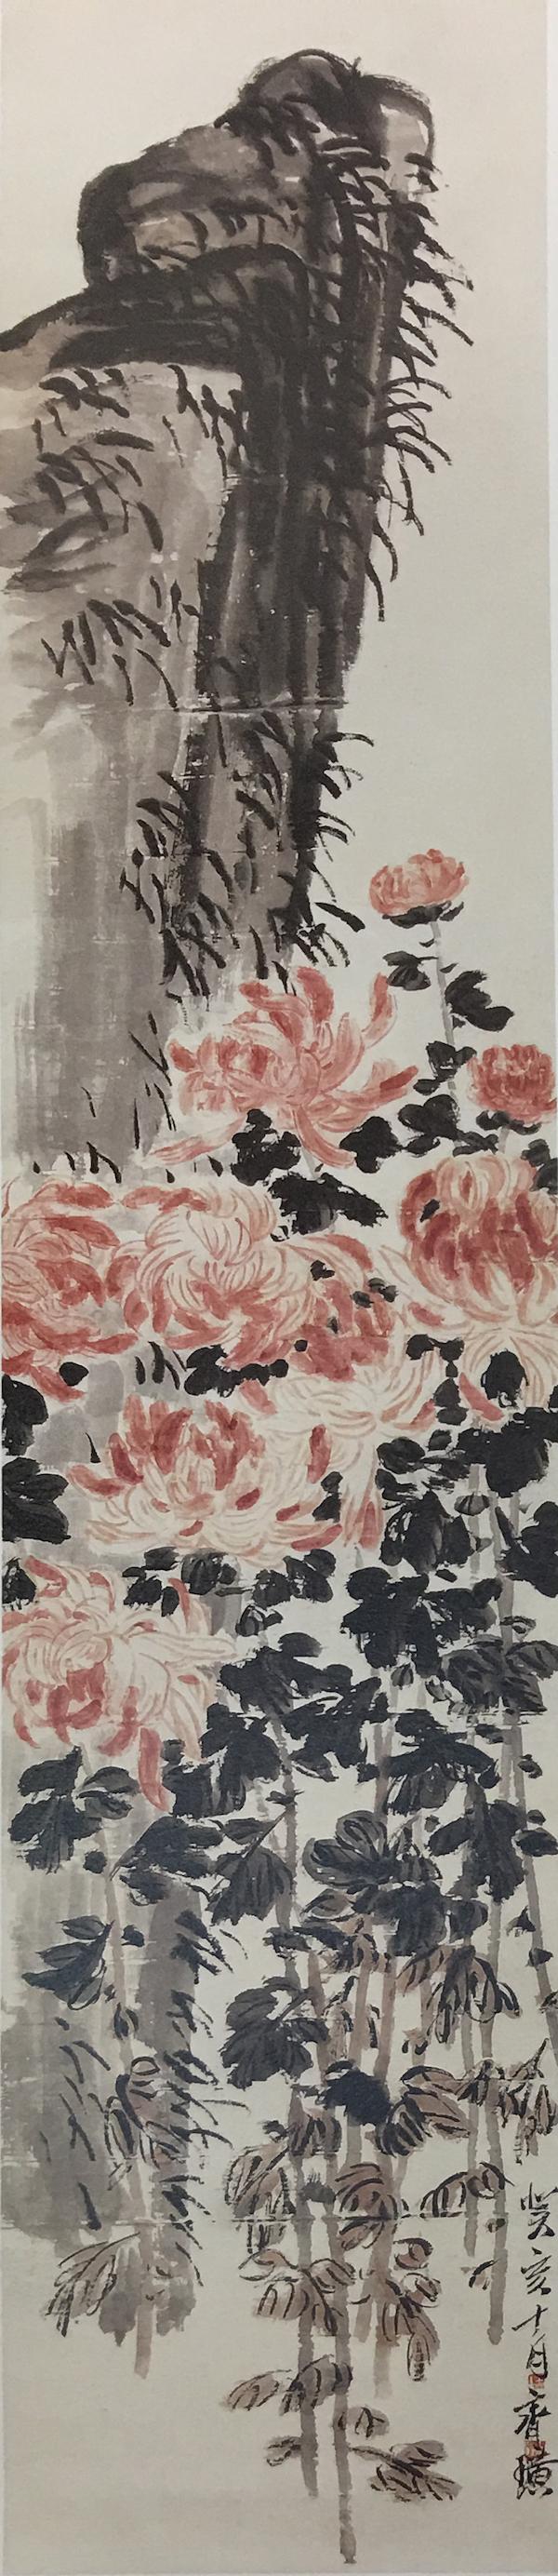 (图十七齐白石,《菊石图》,纸本设色,1923年,荣宝斋藏)